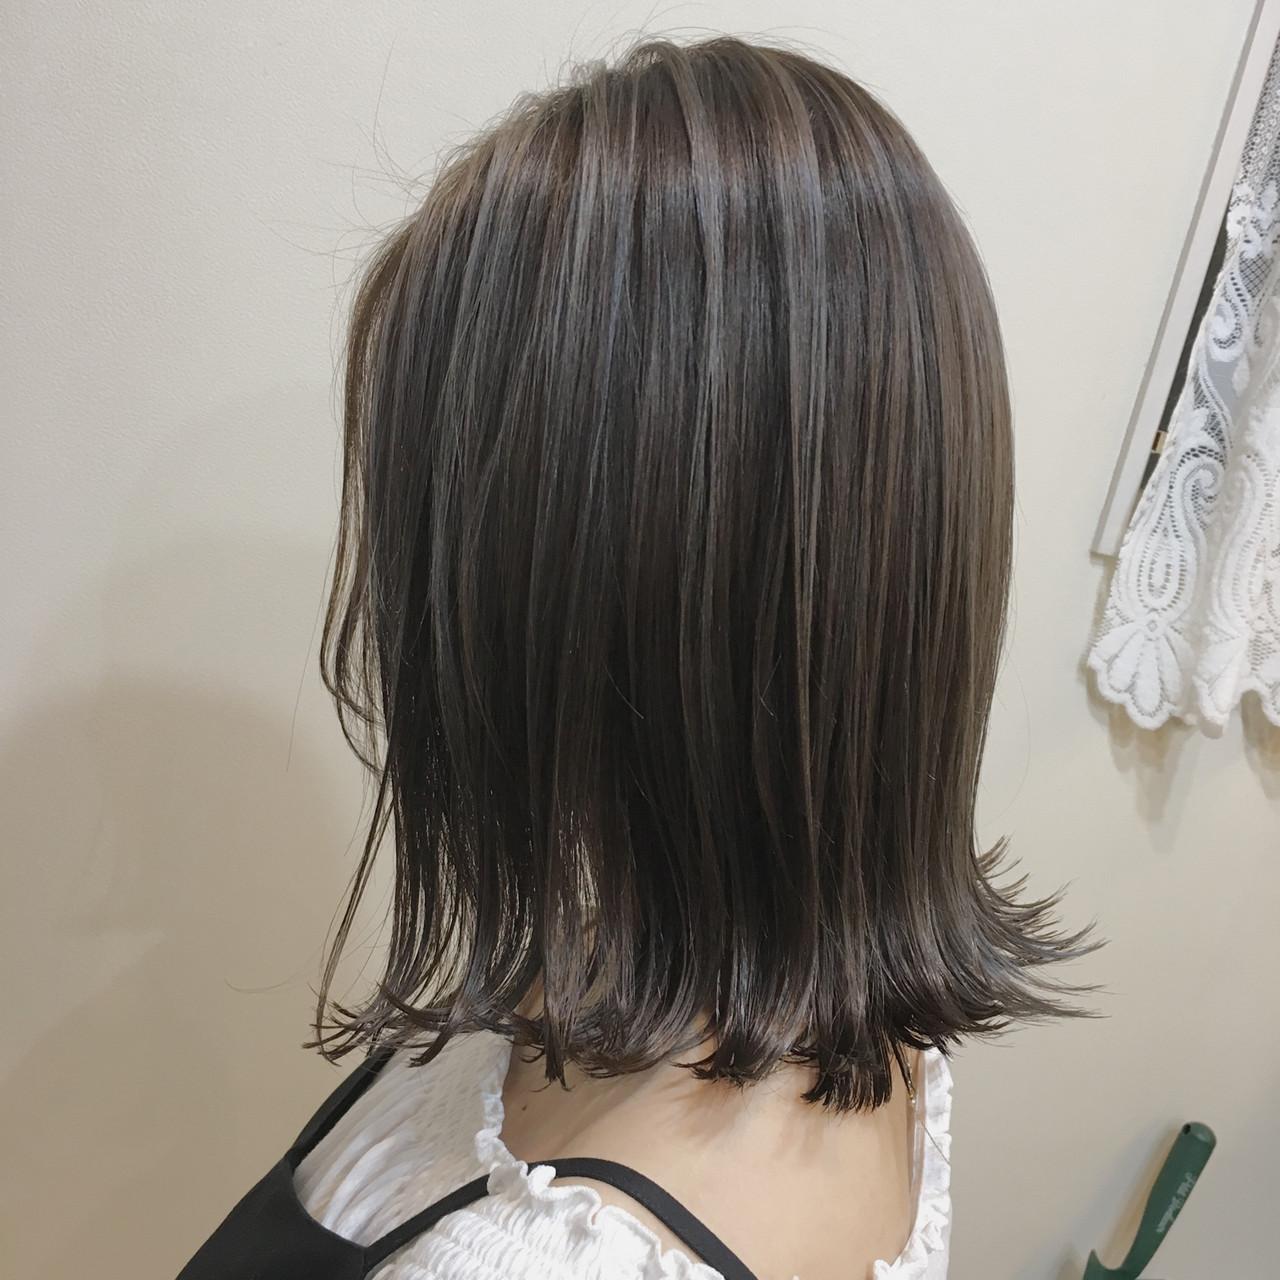 ナチュラル 3Dハイライト コントラストハイライト 大人ハイライト ヘアスタイルや髪型の写真・画像 | 《町田の美容師》キタダヒロキ / Hair Frais Make